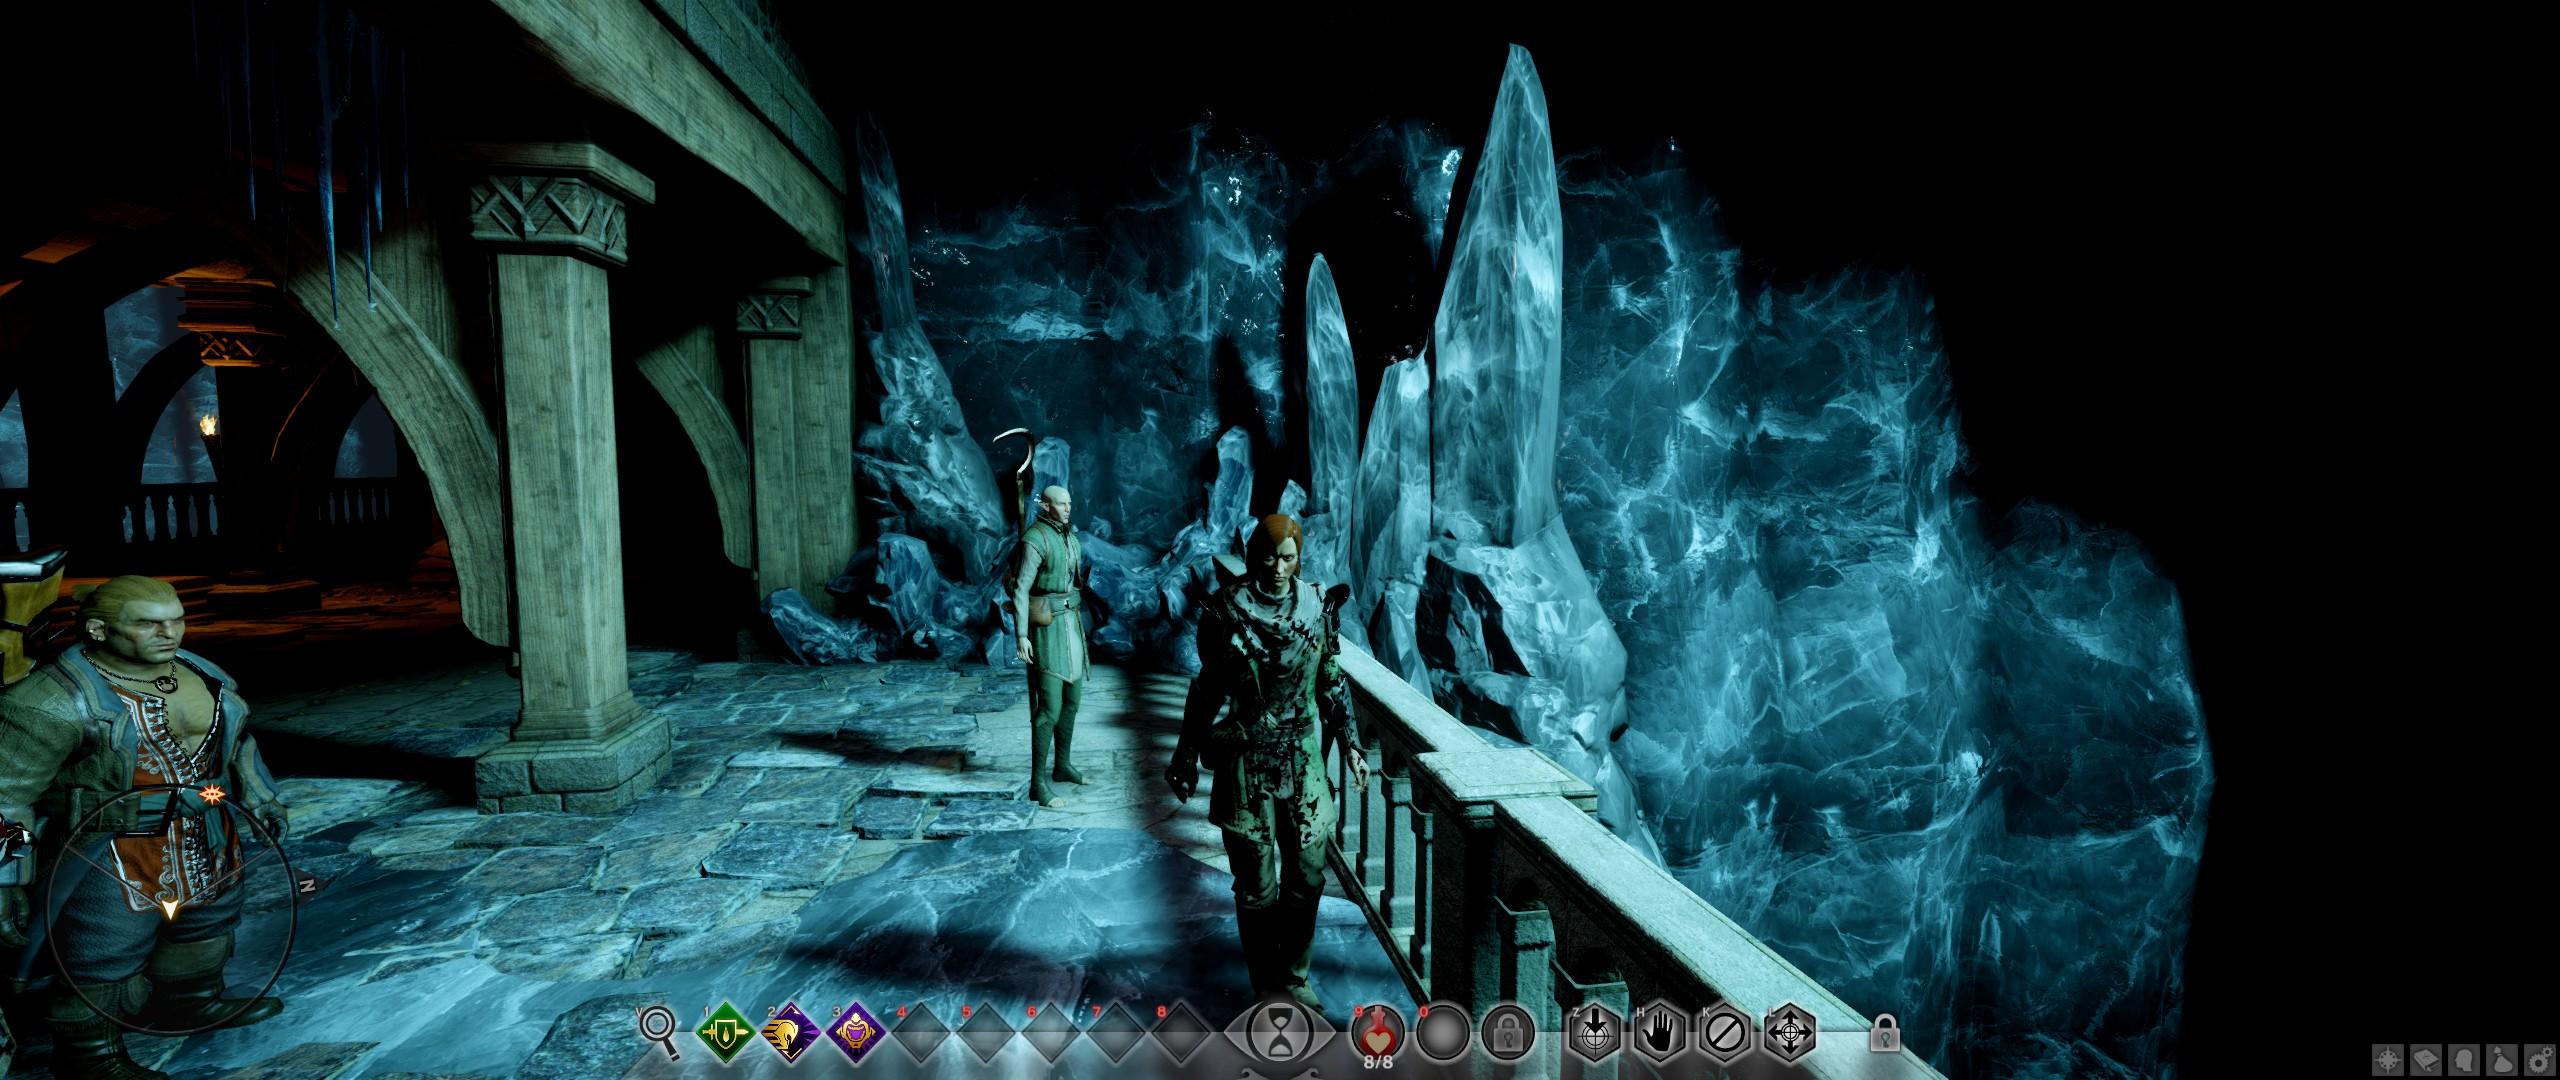 ScreenshotWin32_0000_Final